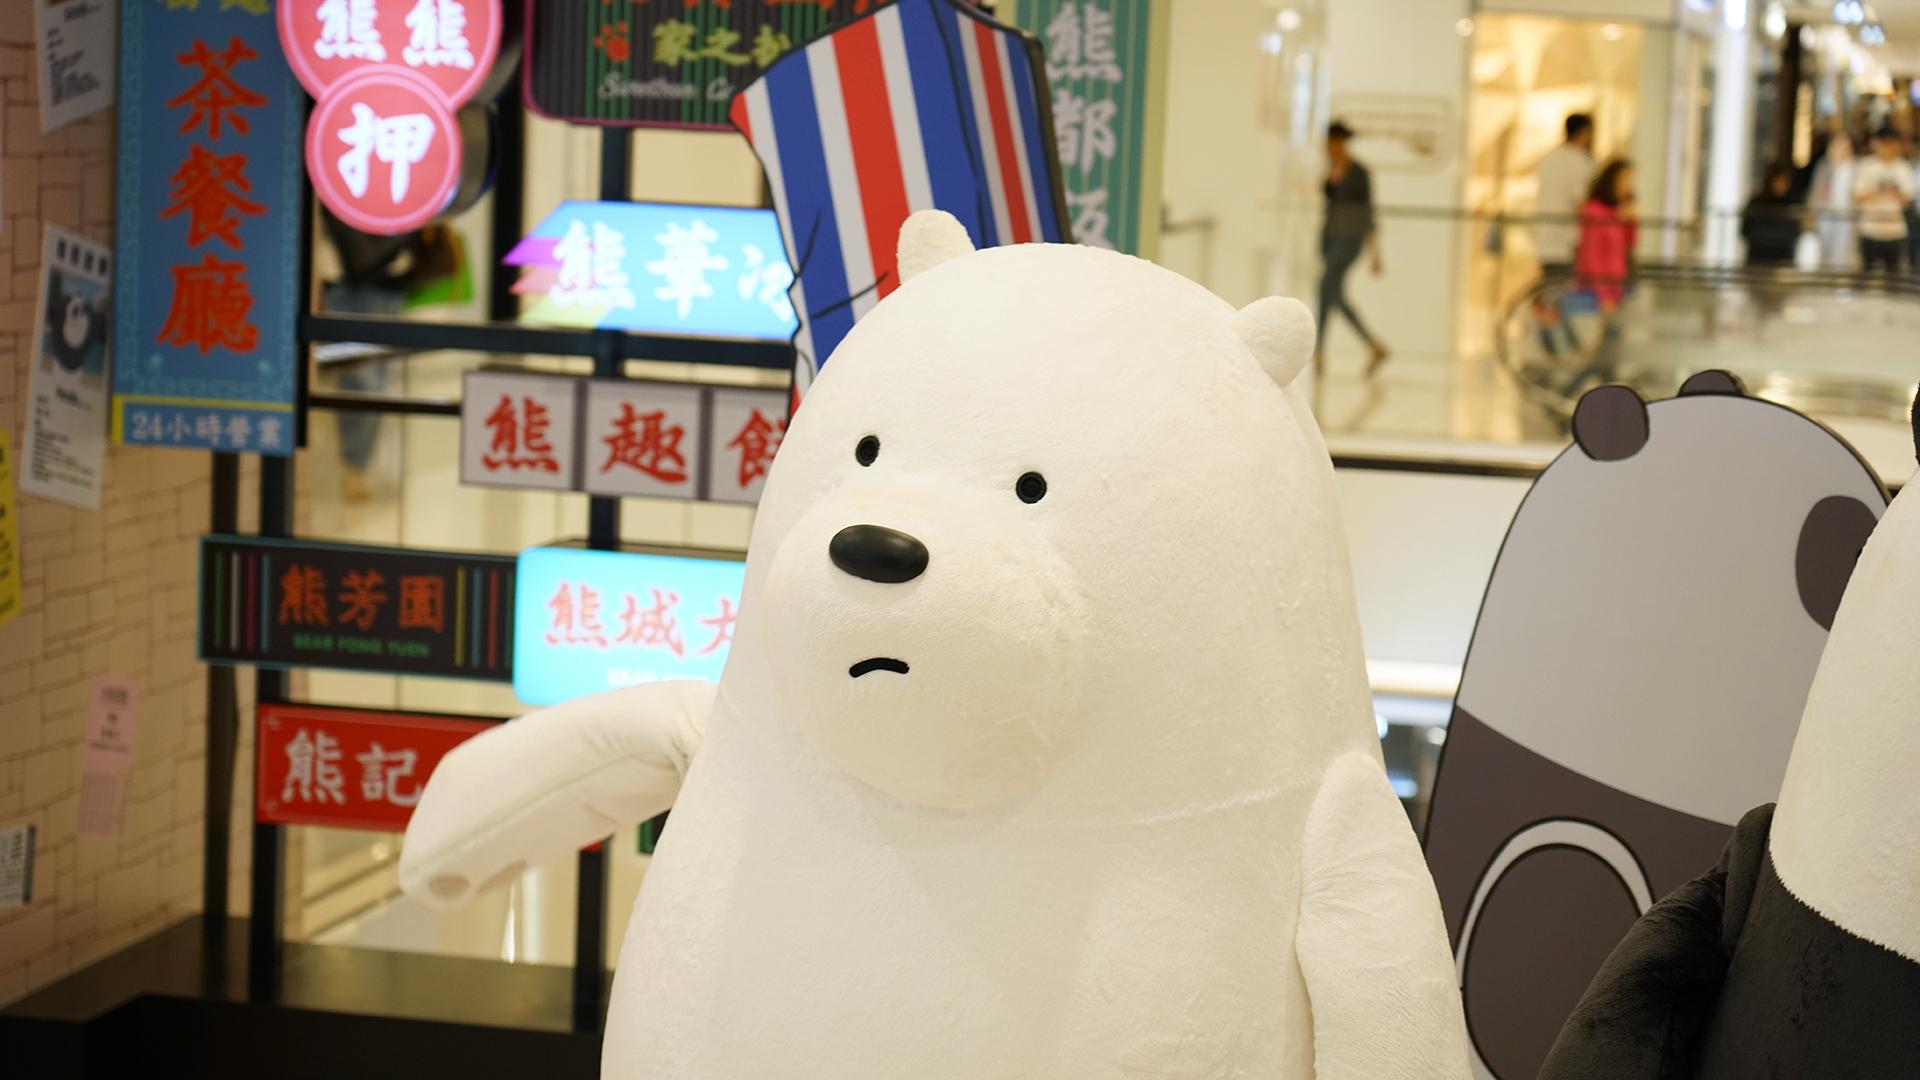 二哥Panda(花名:Pan-Pan)